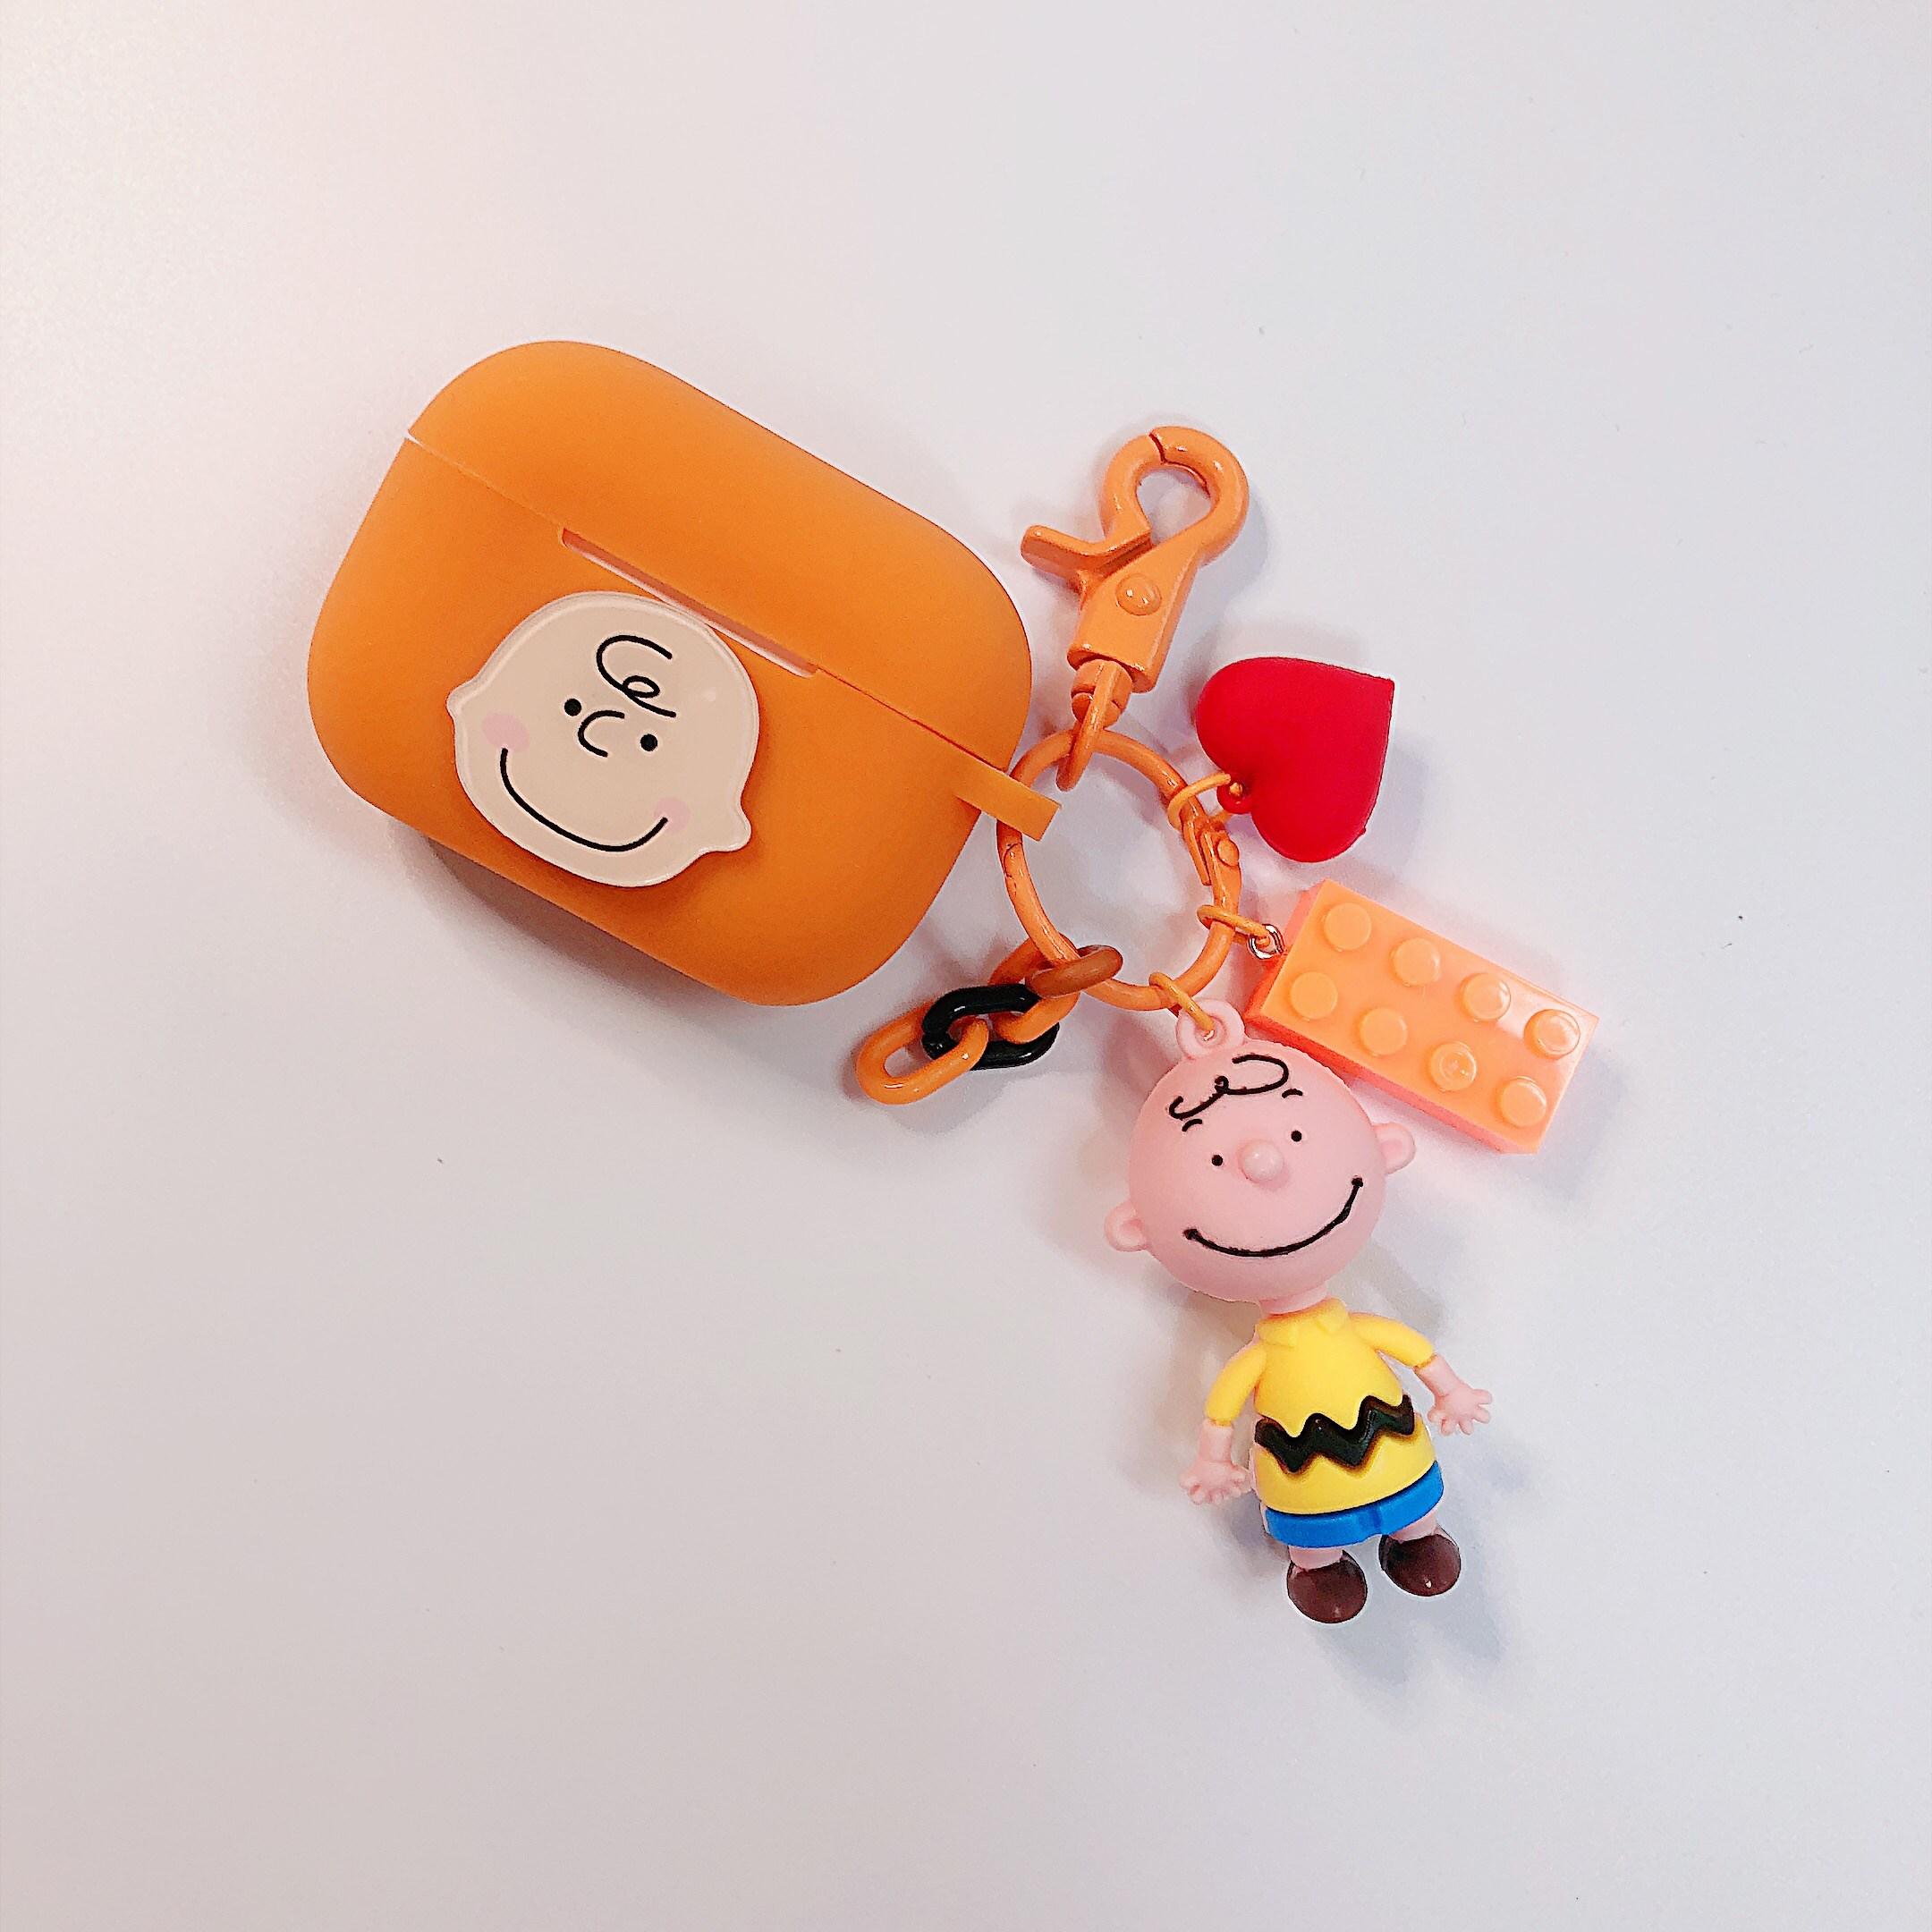 민아네 에어팟1 에어팟2 에어팟프로 찰리브라운&스누피 케이스 키링 1세트 122, 에어팟 프로케이스, 오렌지